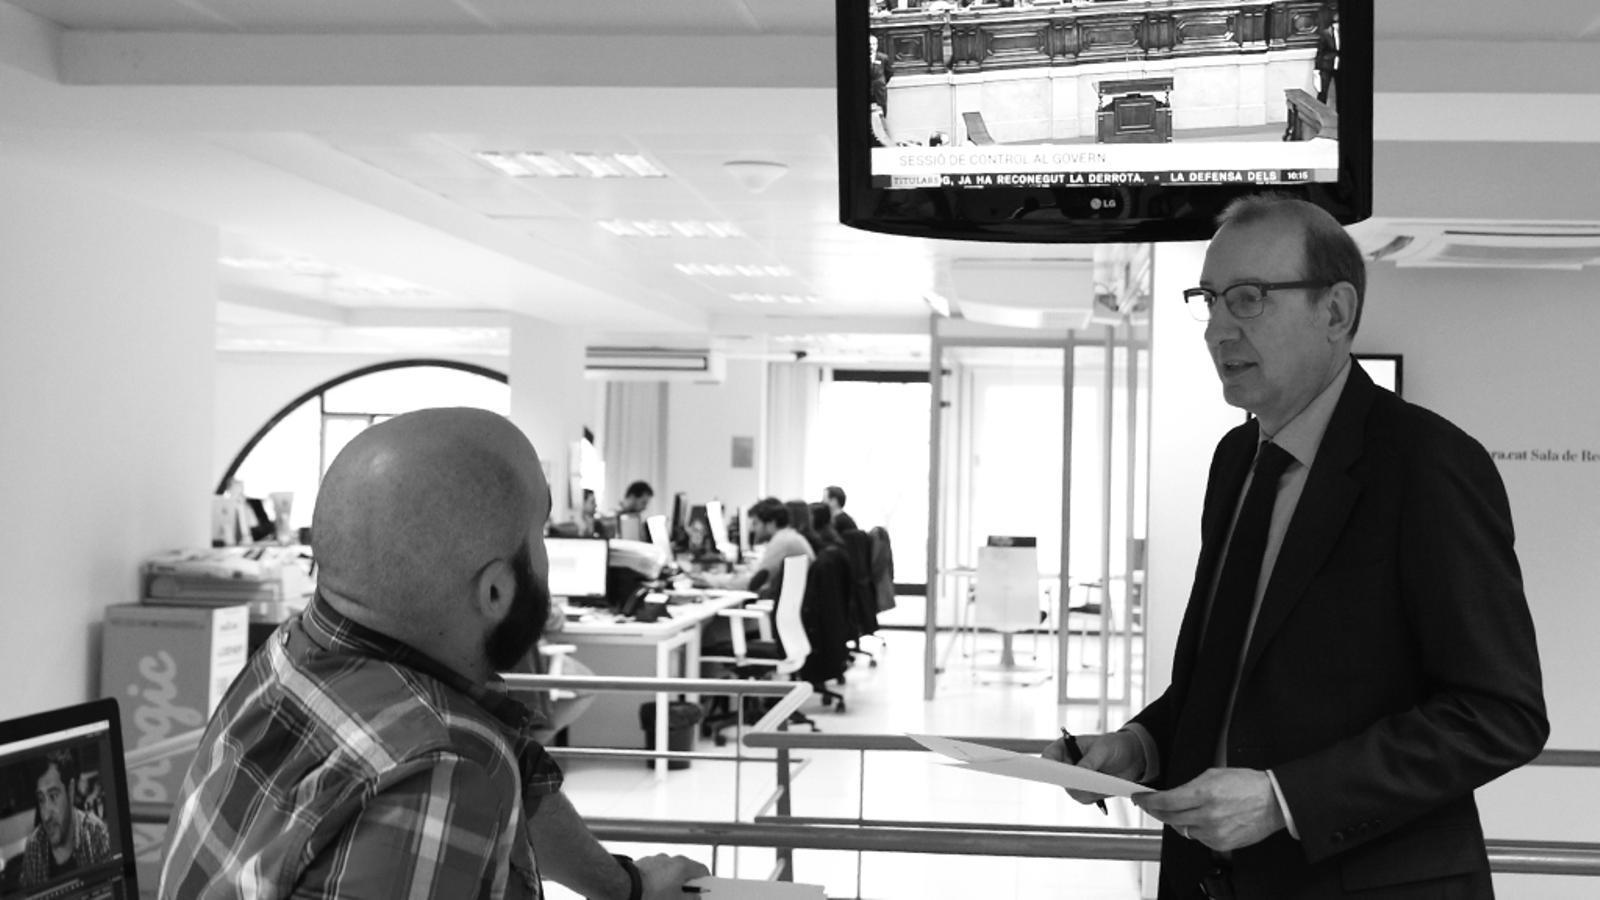 L'Editorial d'Antoni Bassas: 'Entre l'absolució i tres anys de presó' (18/03/15)